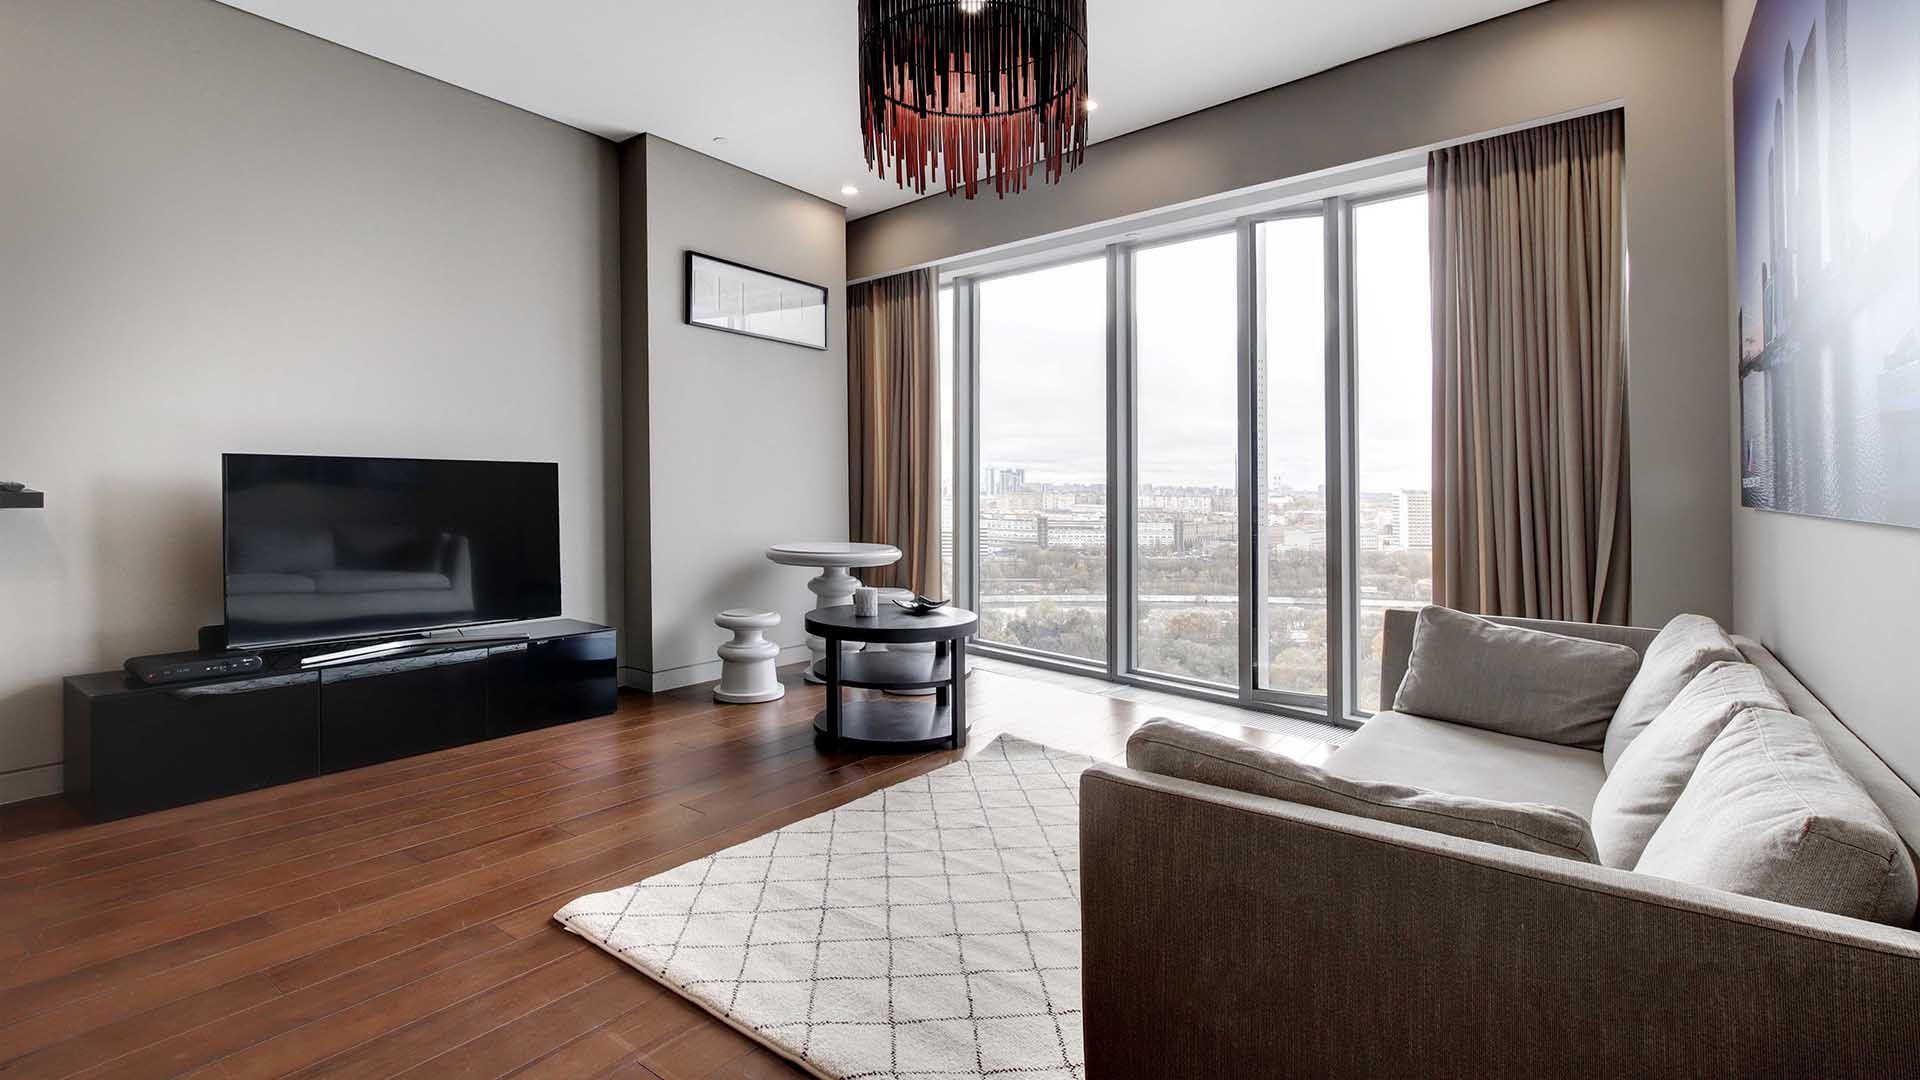 Апартаменты око аренда америка недвижимость цены